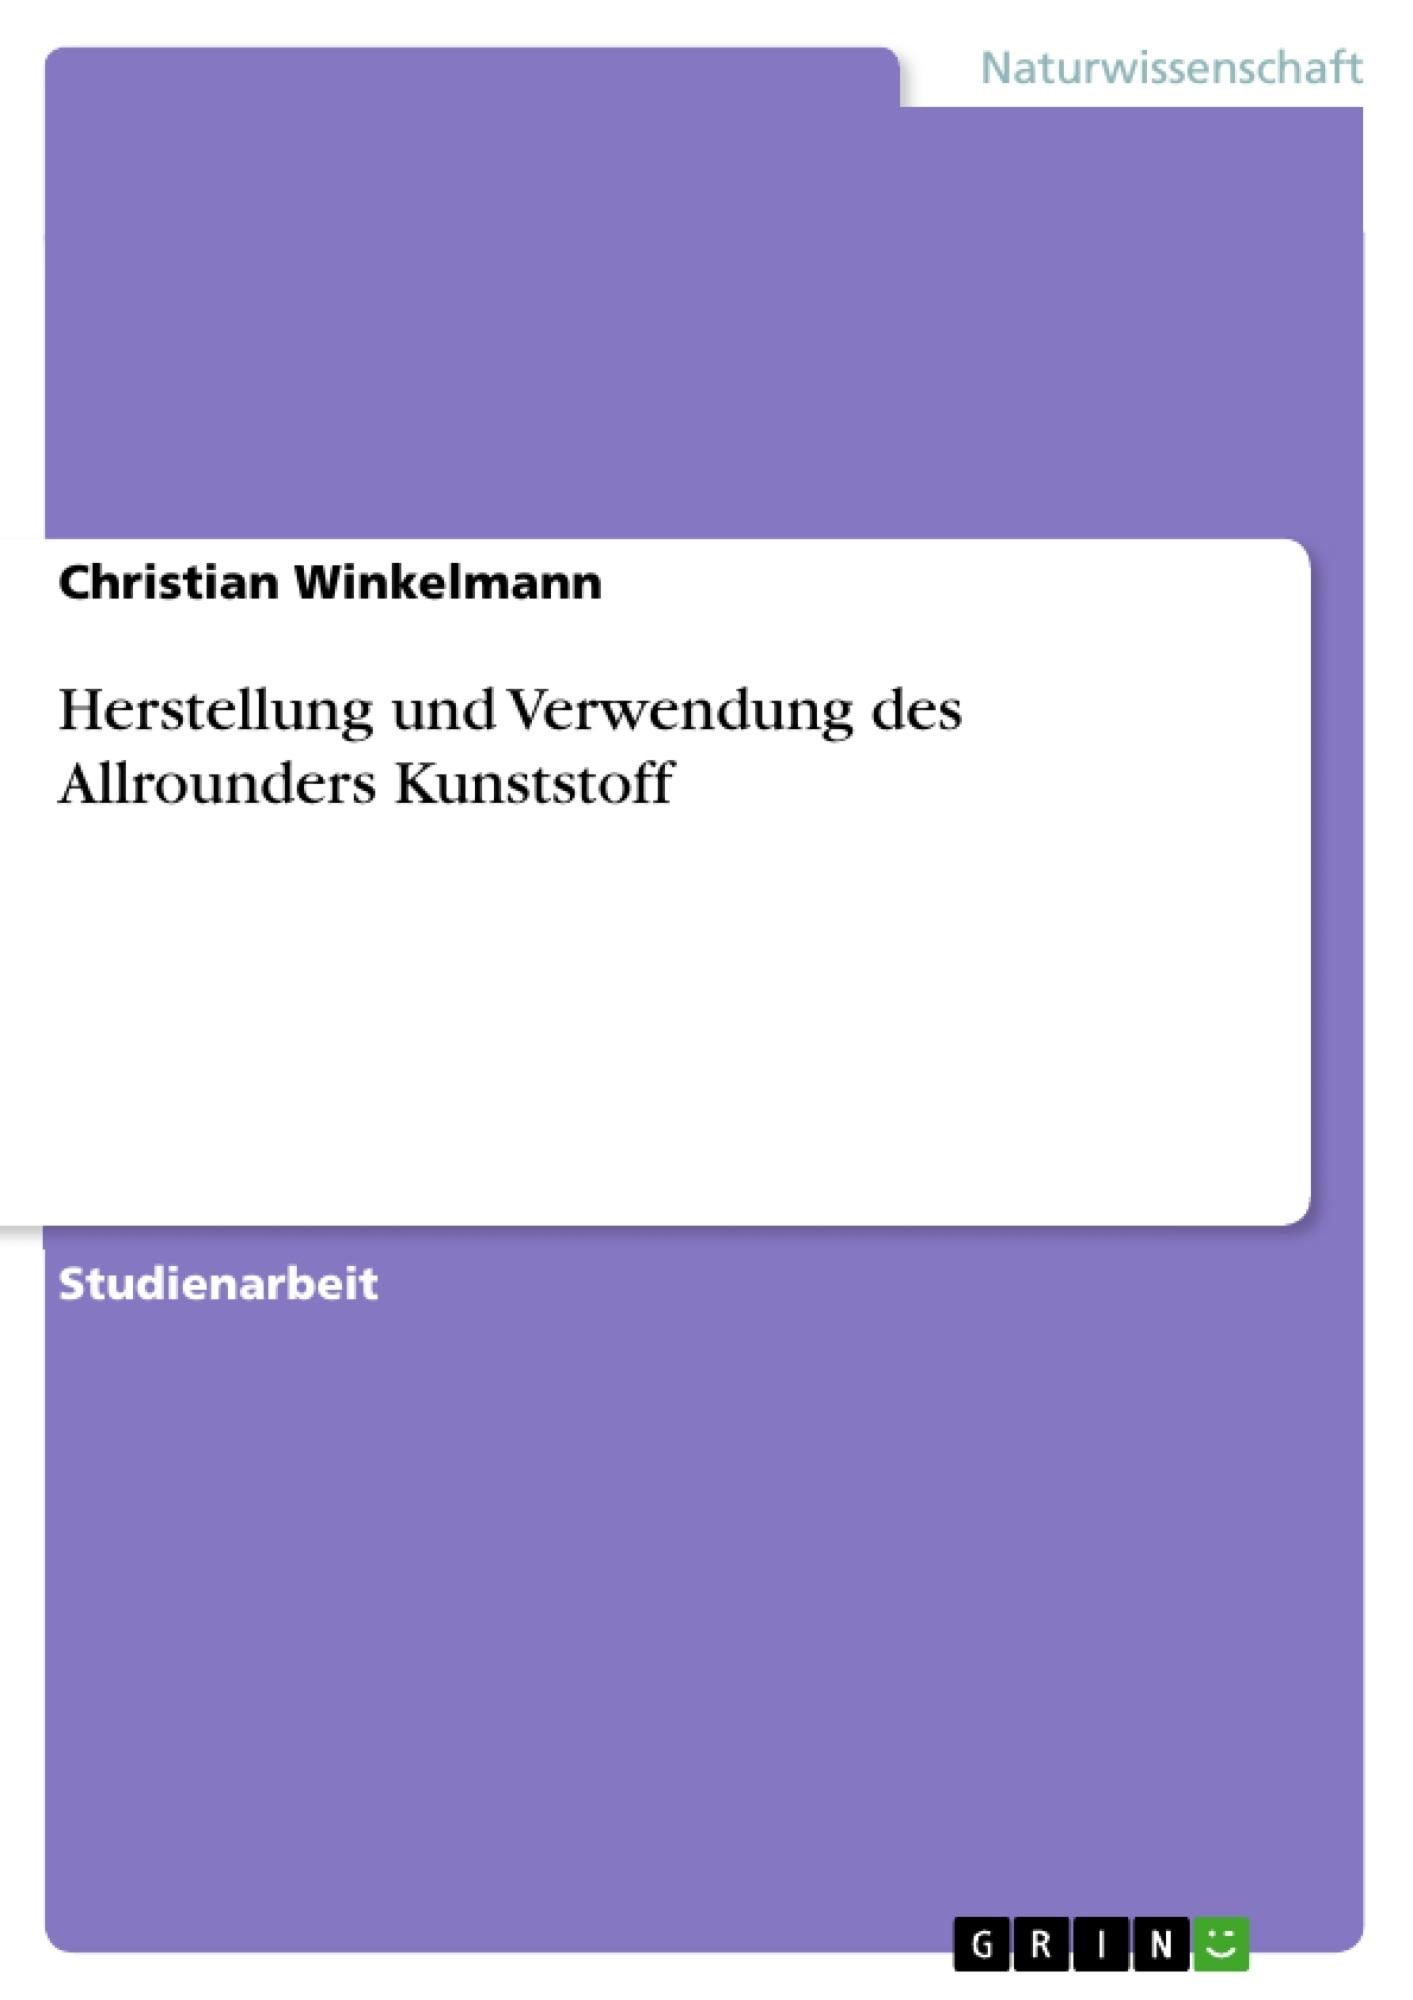 Titel: Herstellung und Verwendung des Allrounders Kunststoff